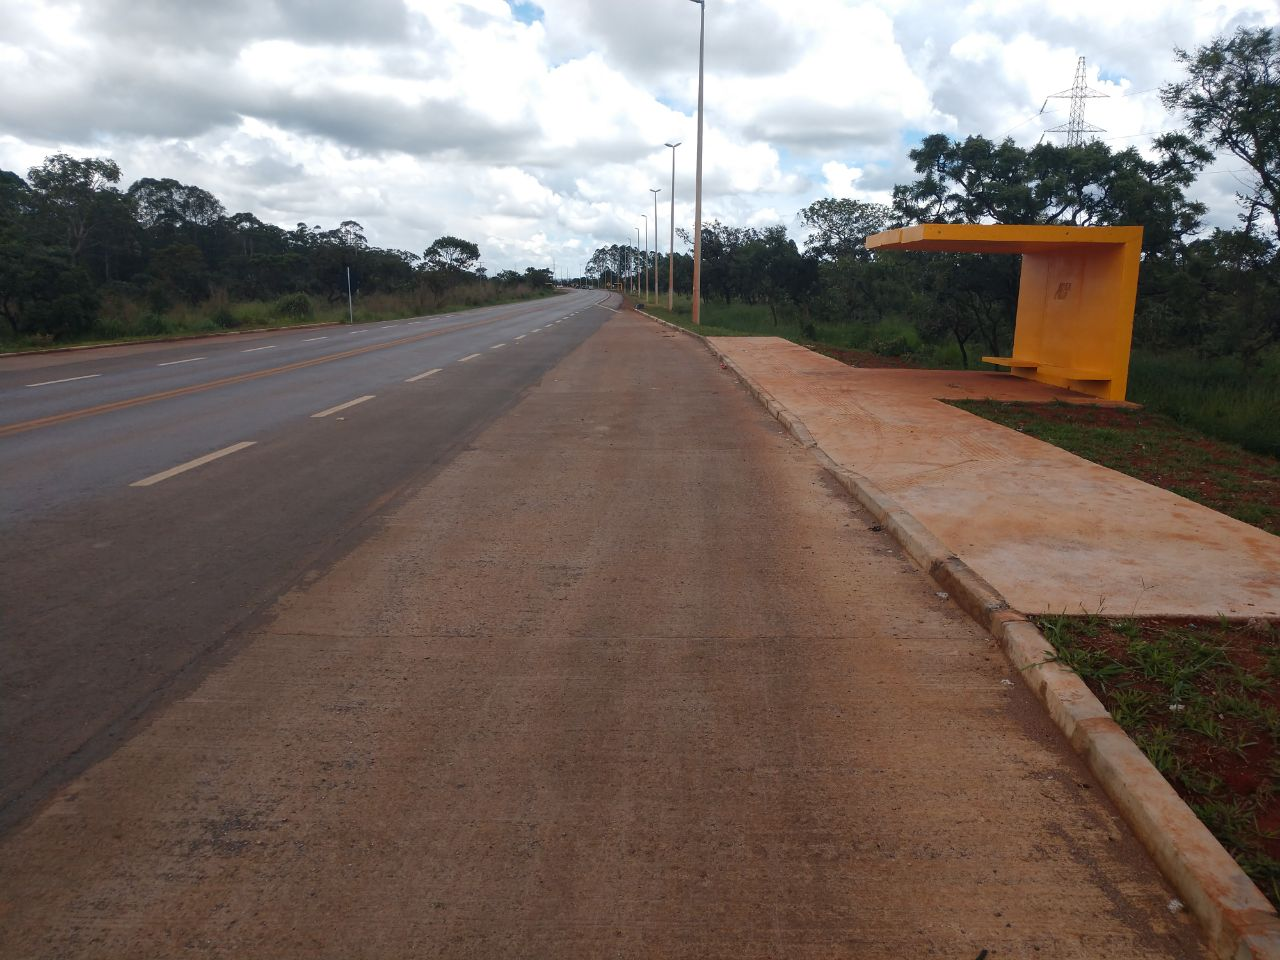 Inaugurada, em novembro/2017, a restauração da rodovia DF-001 (EPCT), entroncamento DF-095 (EPCL) - entroncamento BR-080 (Caminho para Brazlândia).